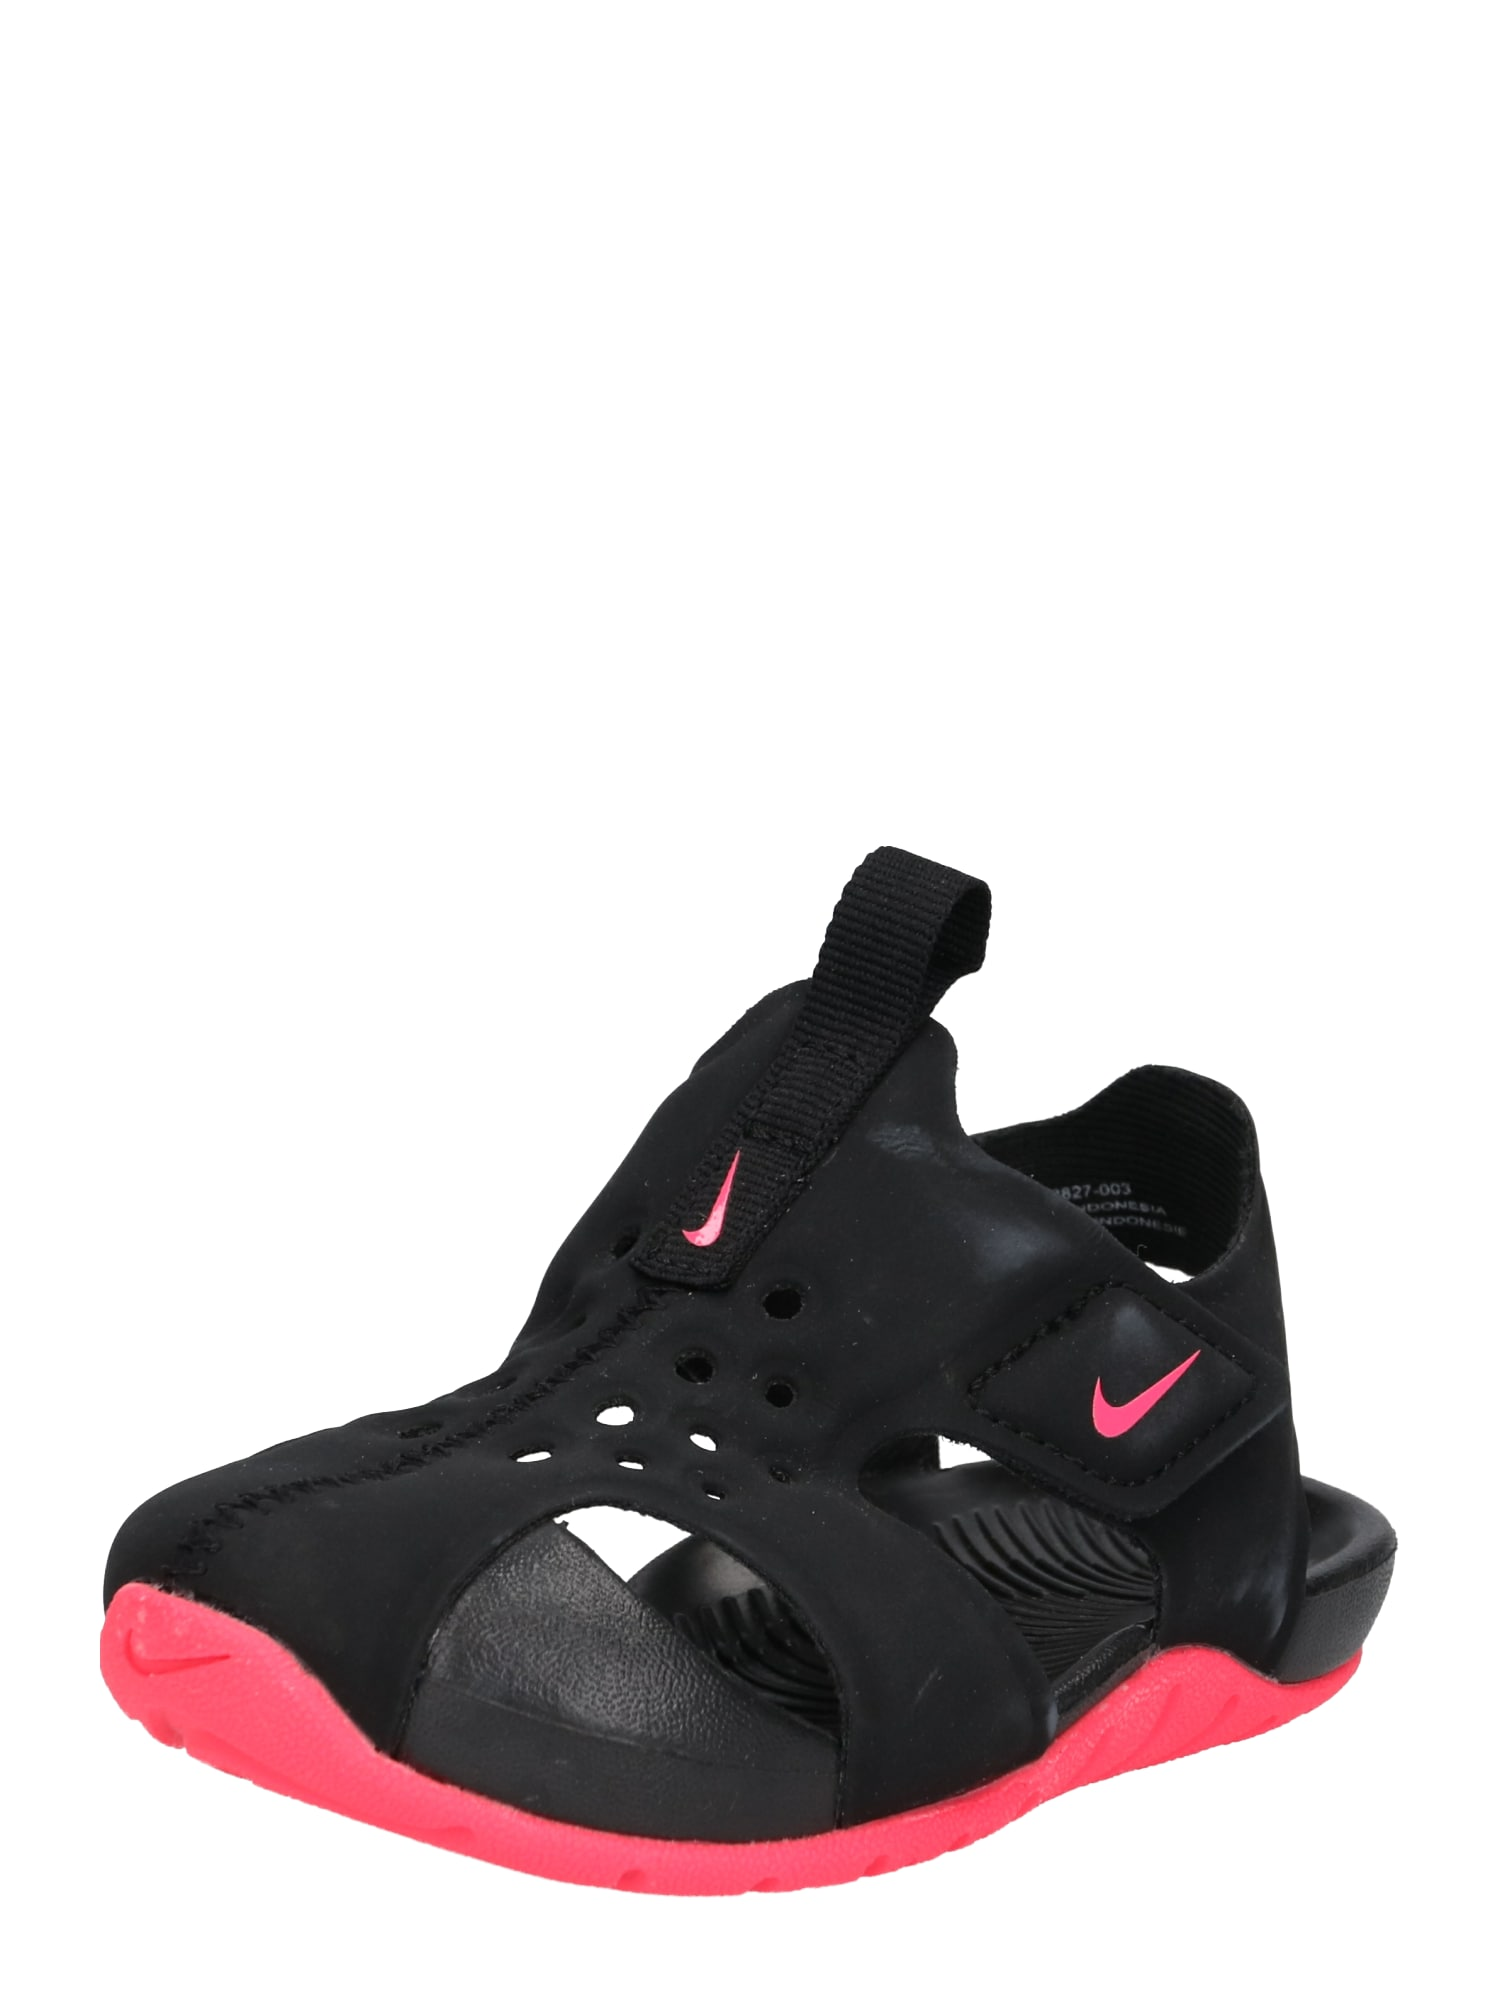 Plážovákoupací obuv Sunray Protect 2 TD pink černá Nike Sportswear